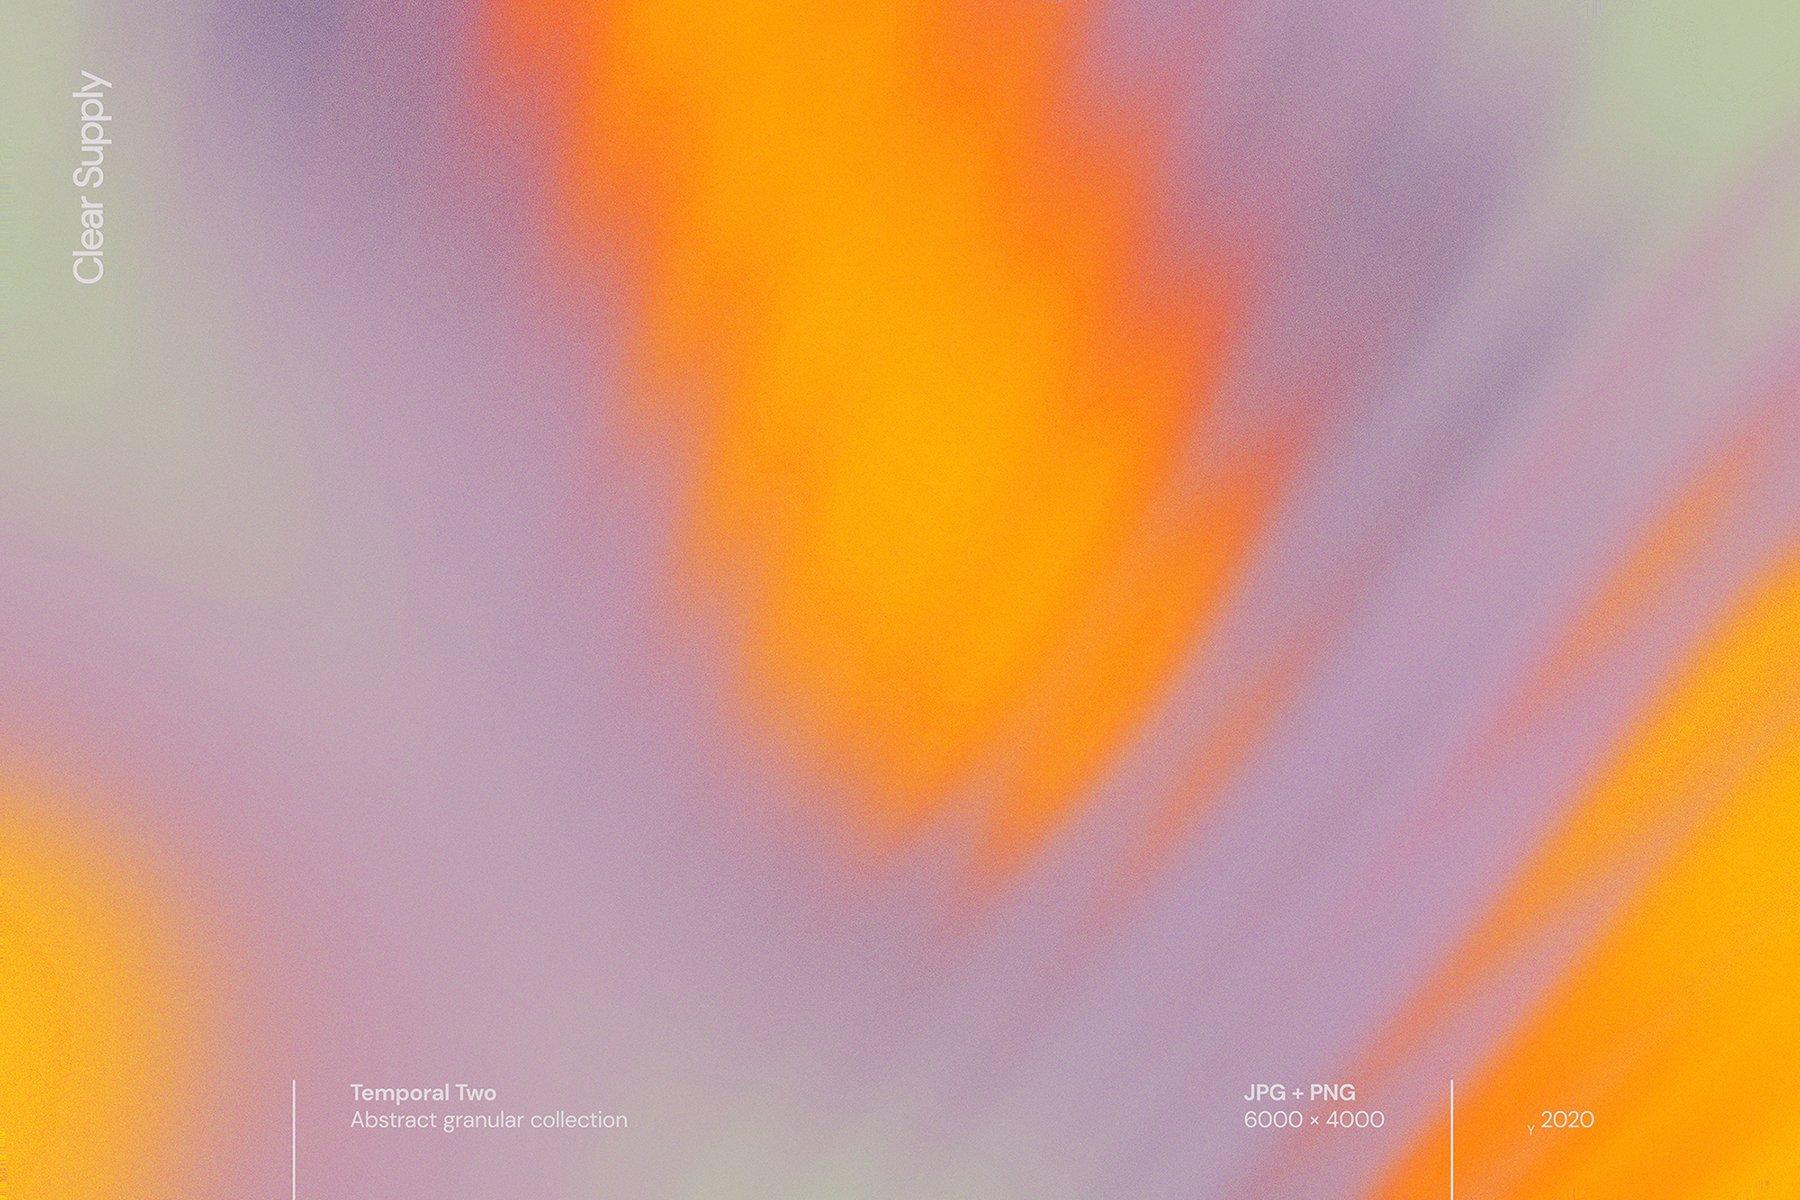 14款高清炫彩抽象艺术动感模糊渐变海报背景图片素材 Clear Supply – Temporal Two插图12